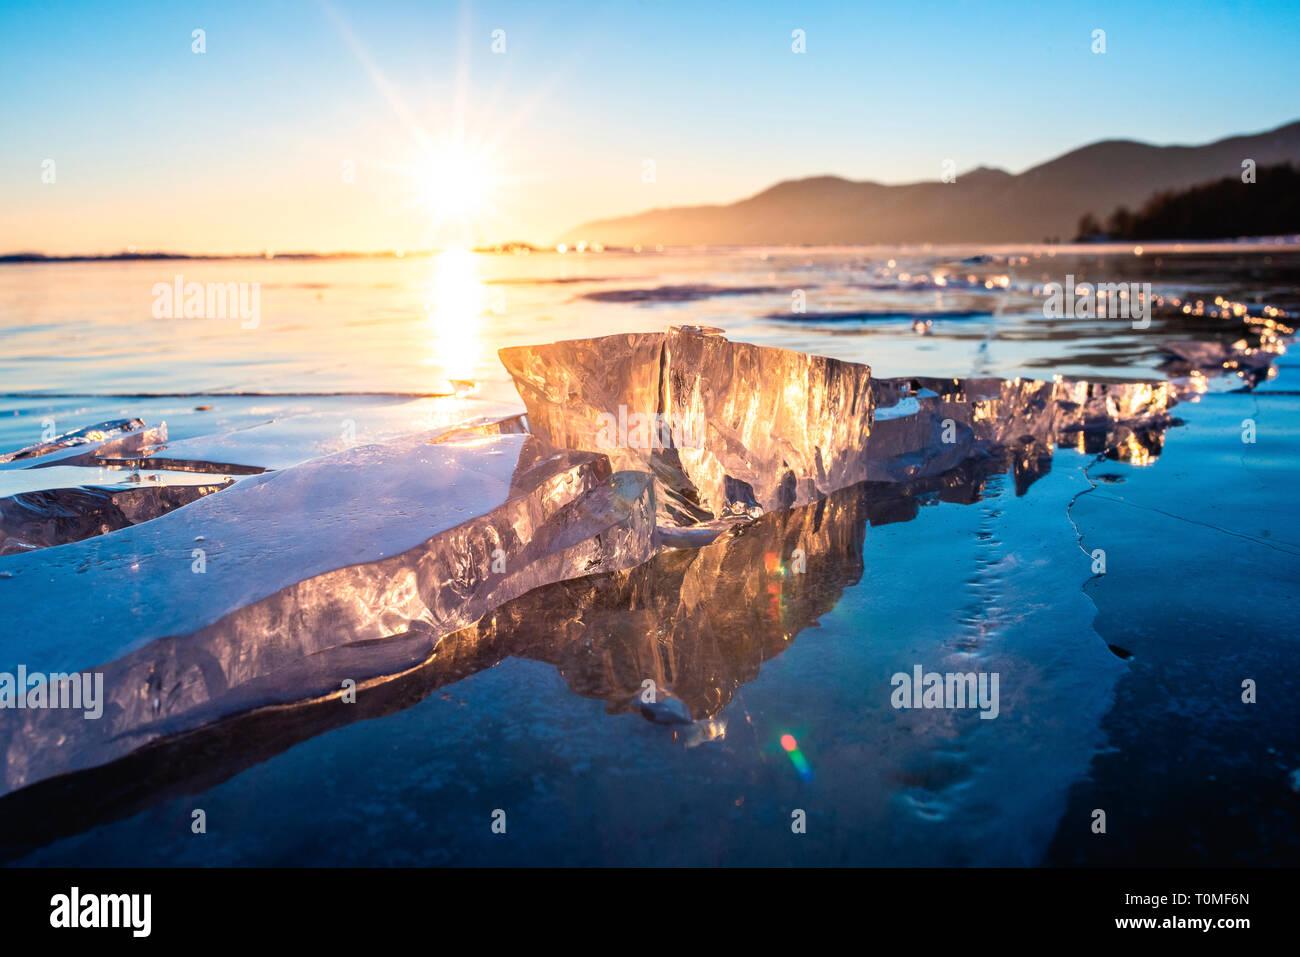 Morceaux de glace et des sculptures de glace au coucher du soleil sur le Lac Baikal, Sibérie, Russie Banque D'Images